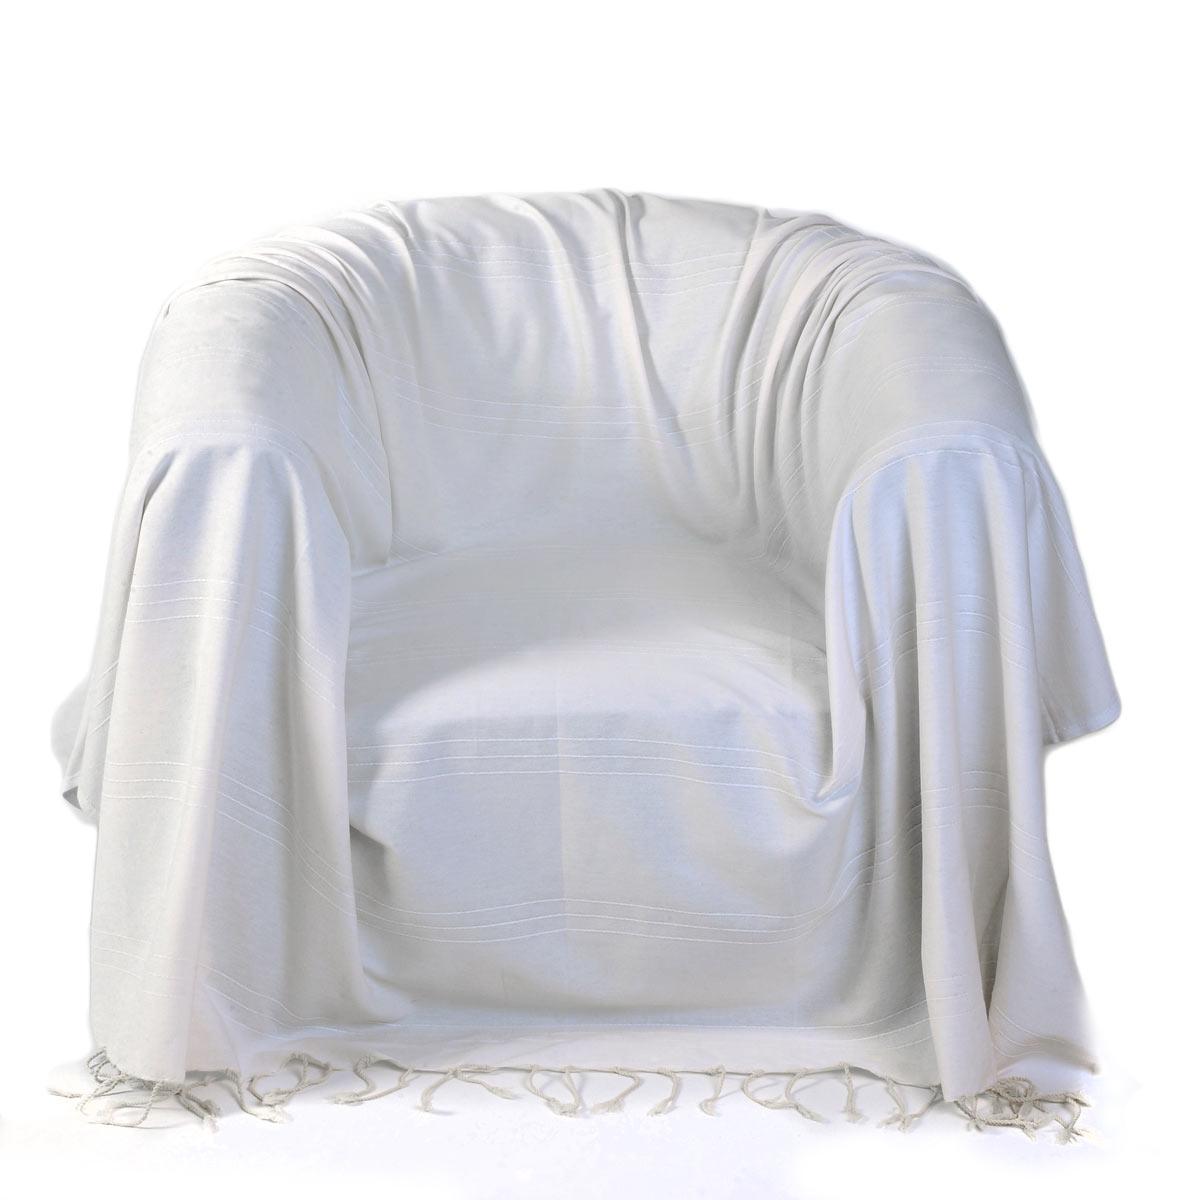 FES - Jeté de fauteuil coton reliefs discrets uni blanc-écru 200 x 200